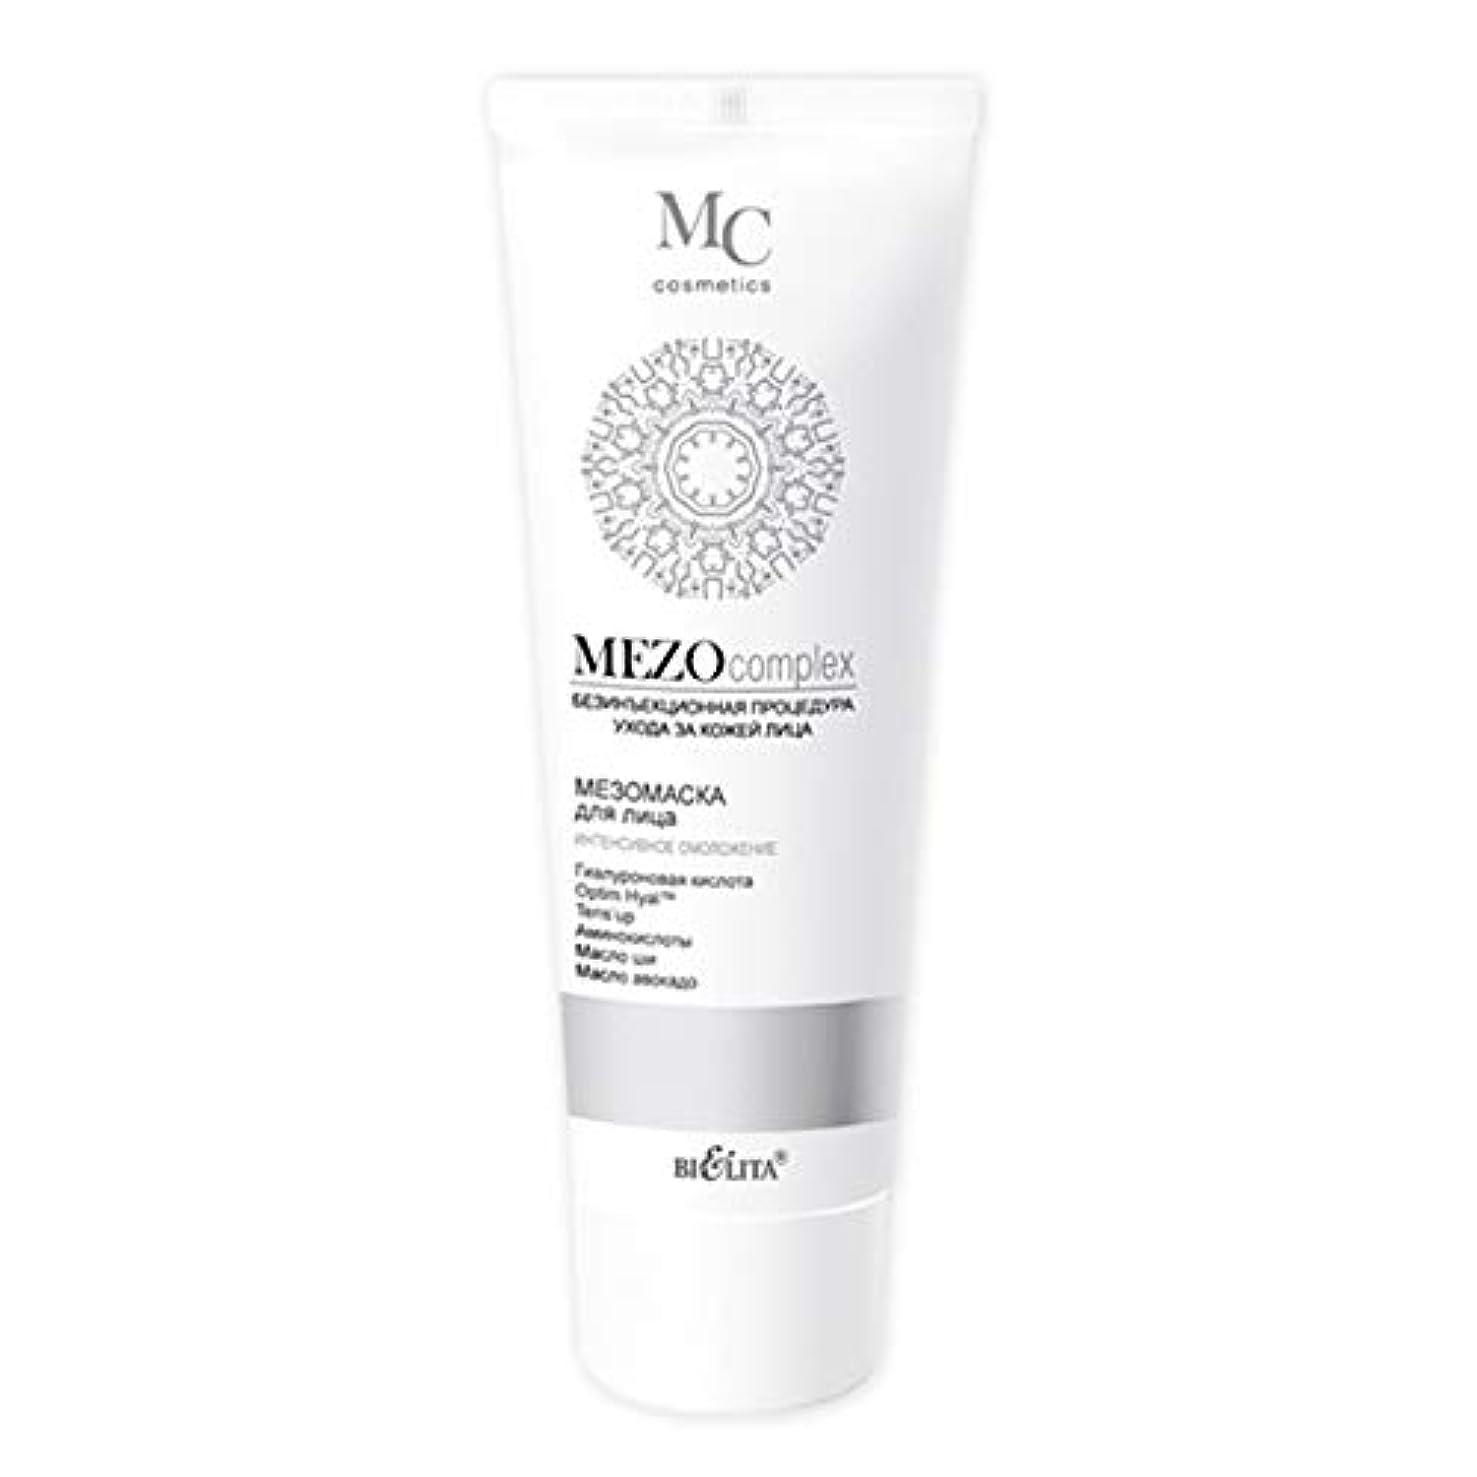 の間で鹿稚魚Mezo complex | Mezo MASK for the face | Non-injection facial skin care procedure | Hyaluronic acid | Optim Hyal...